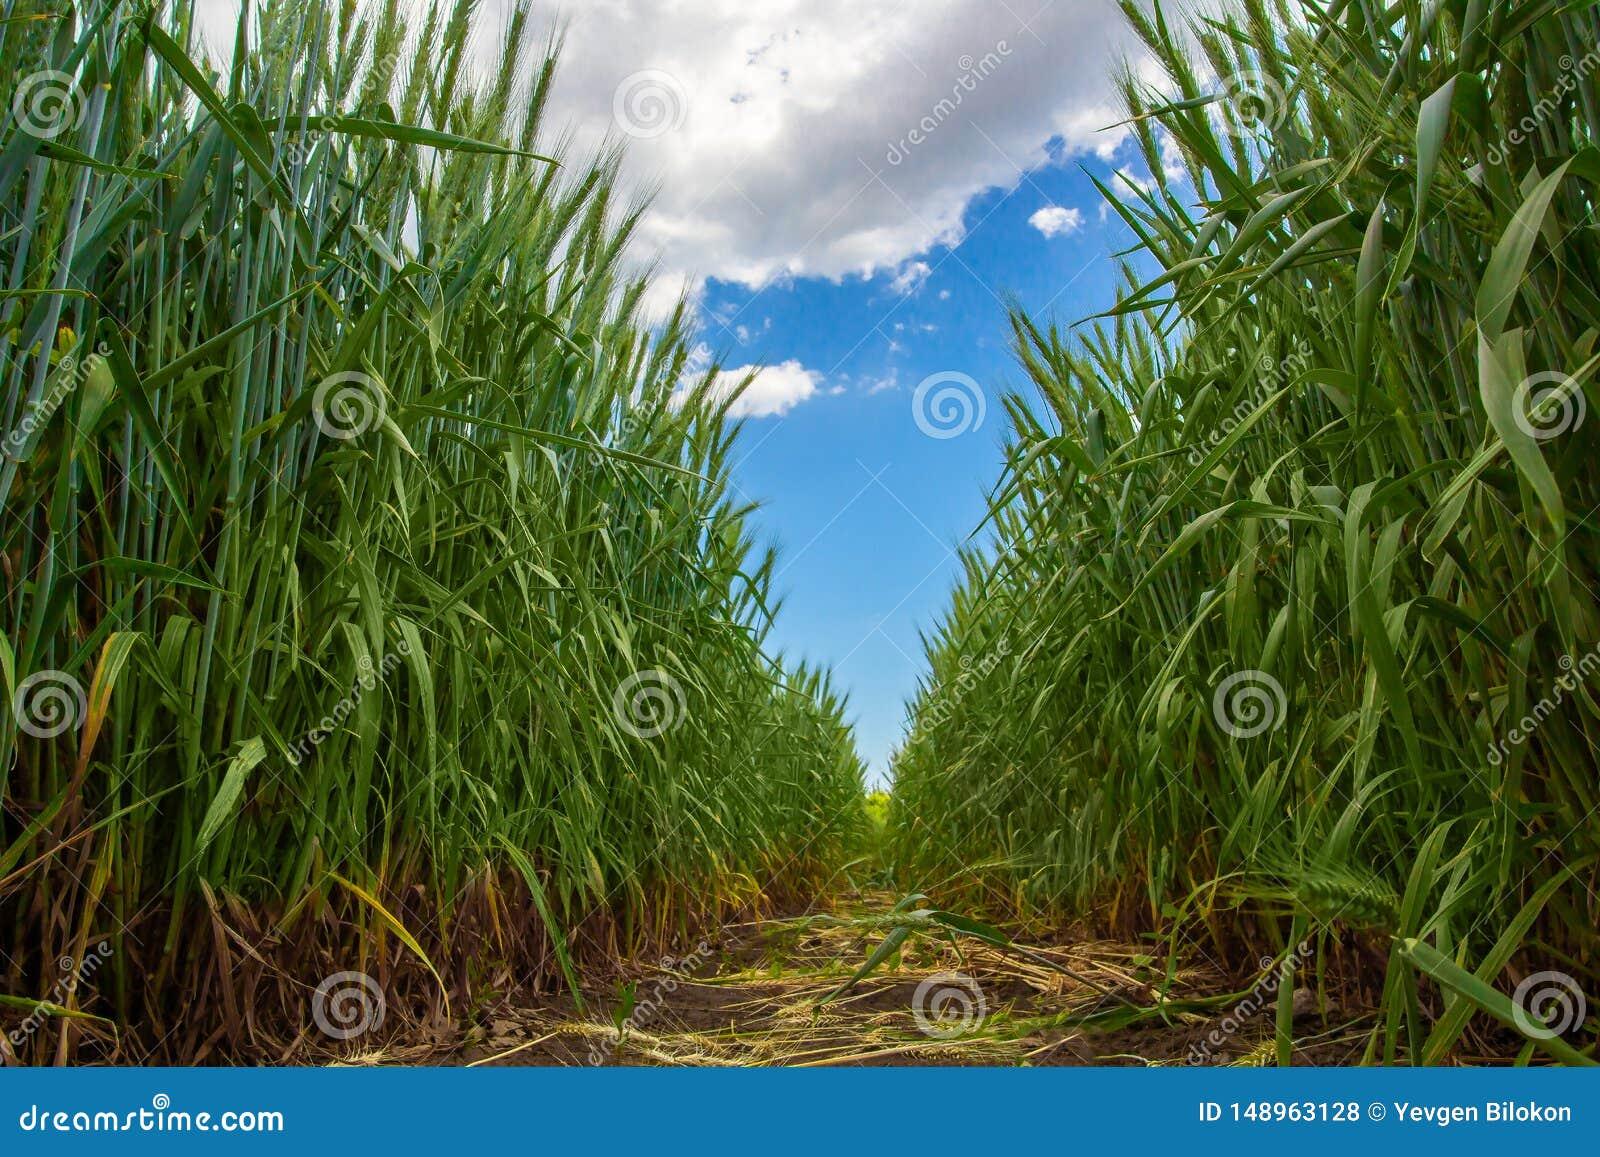 Spighette verdi di grano contro il cielo blu e le nuvole grige